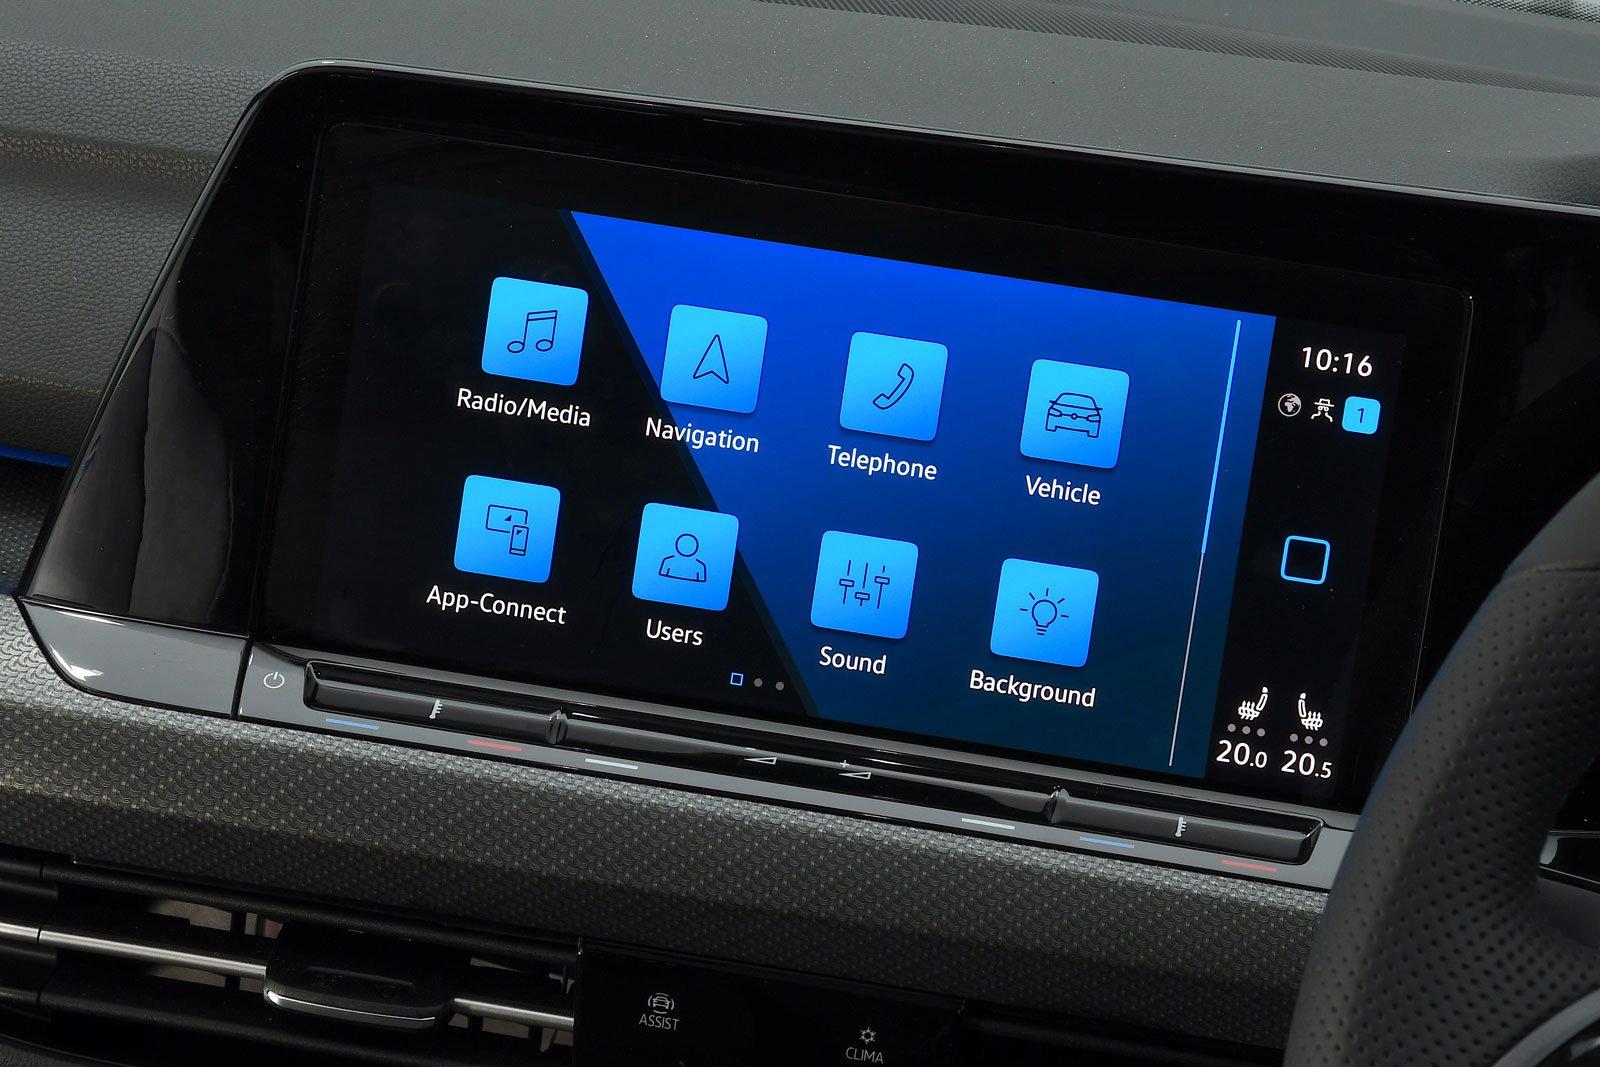 Volkswagen Golf R 2021 infotainment